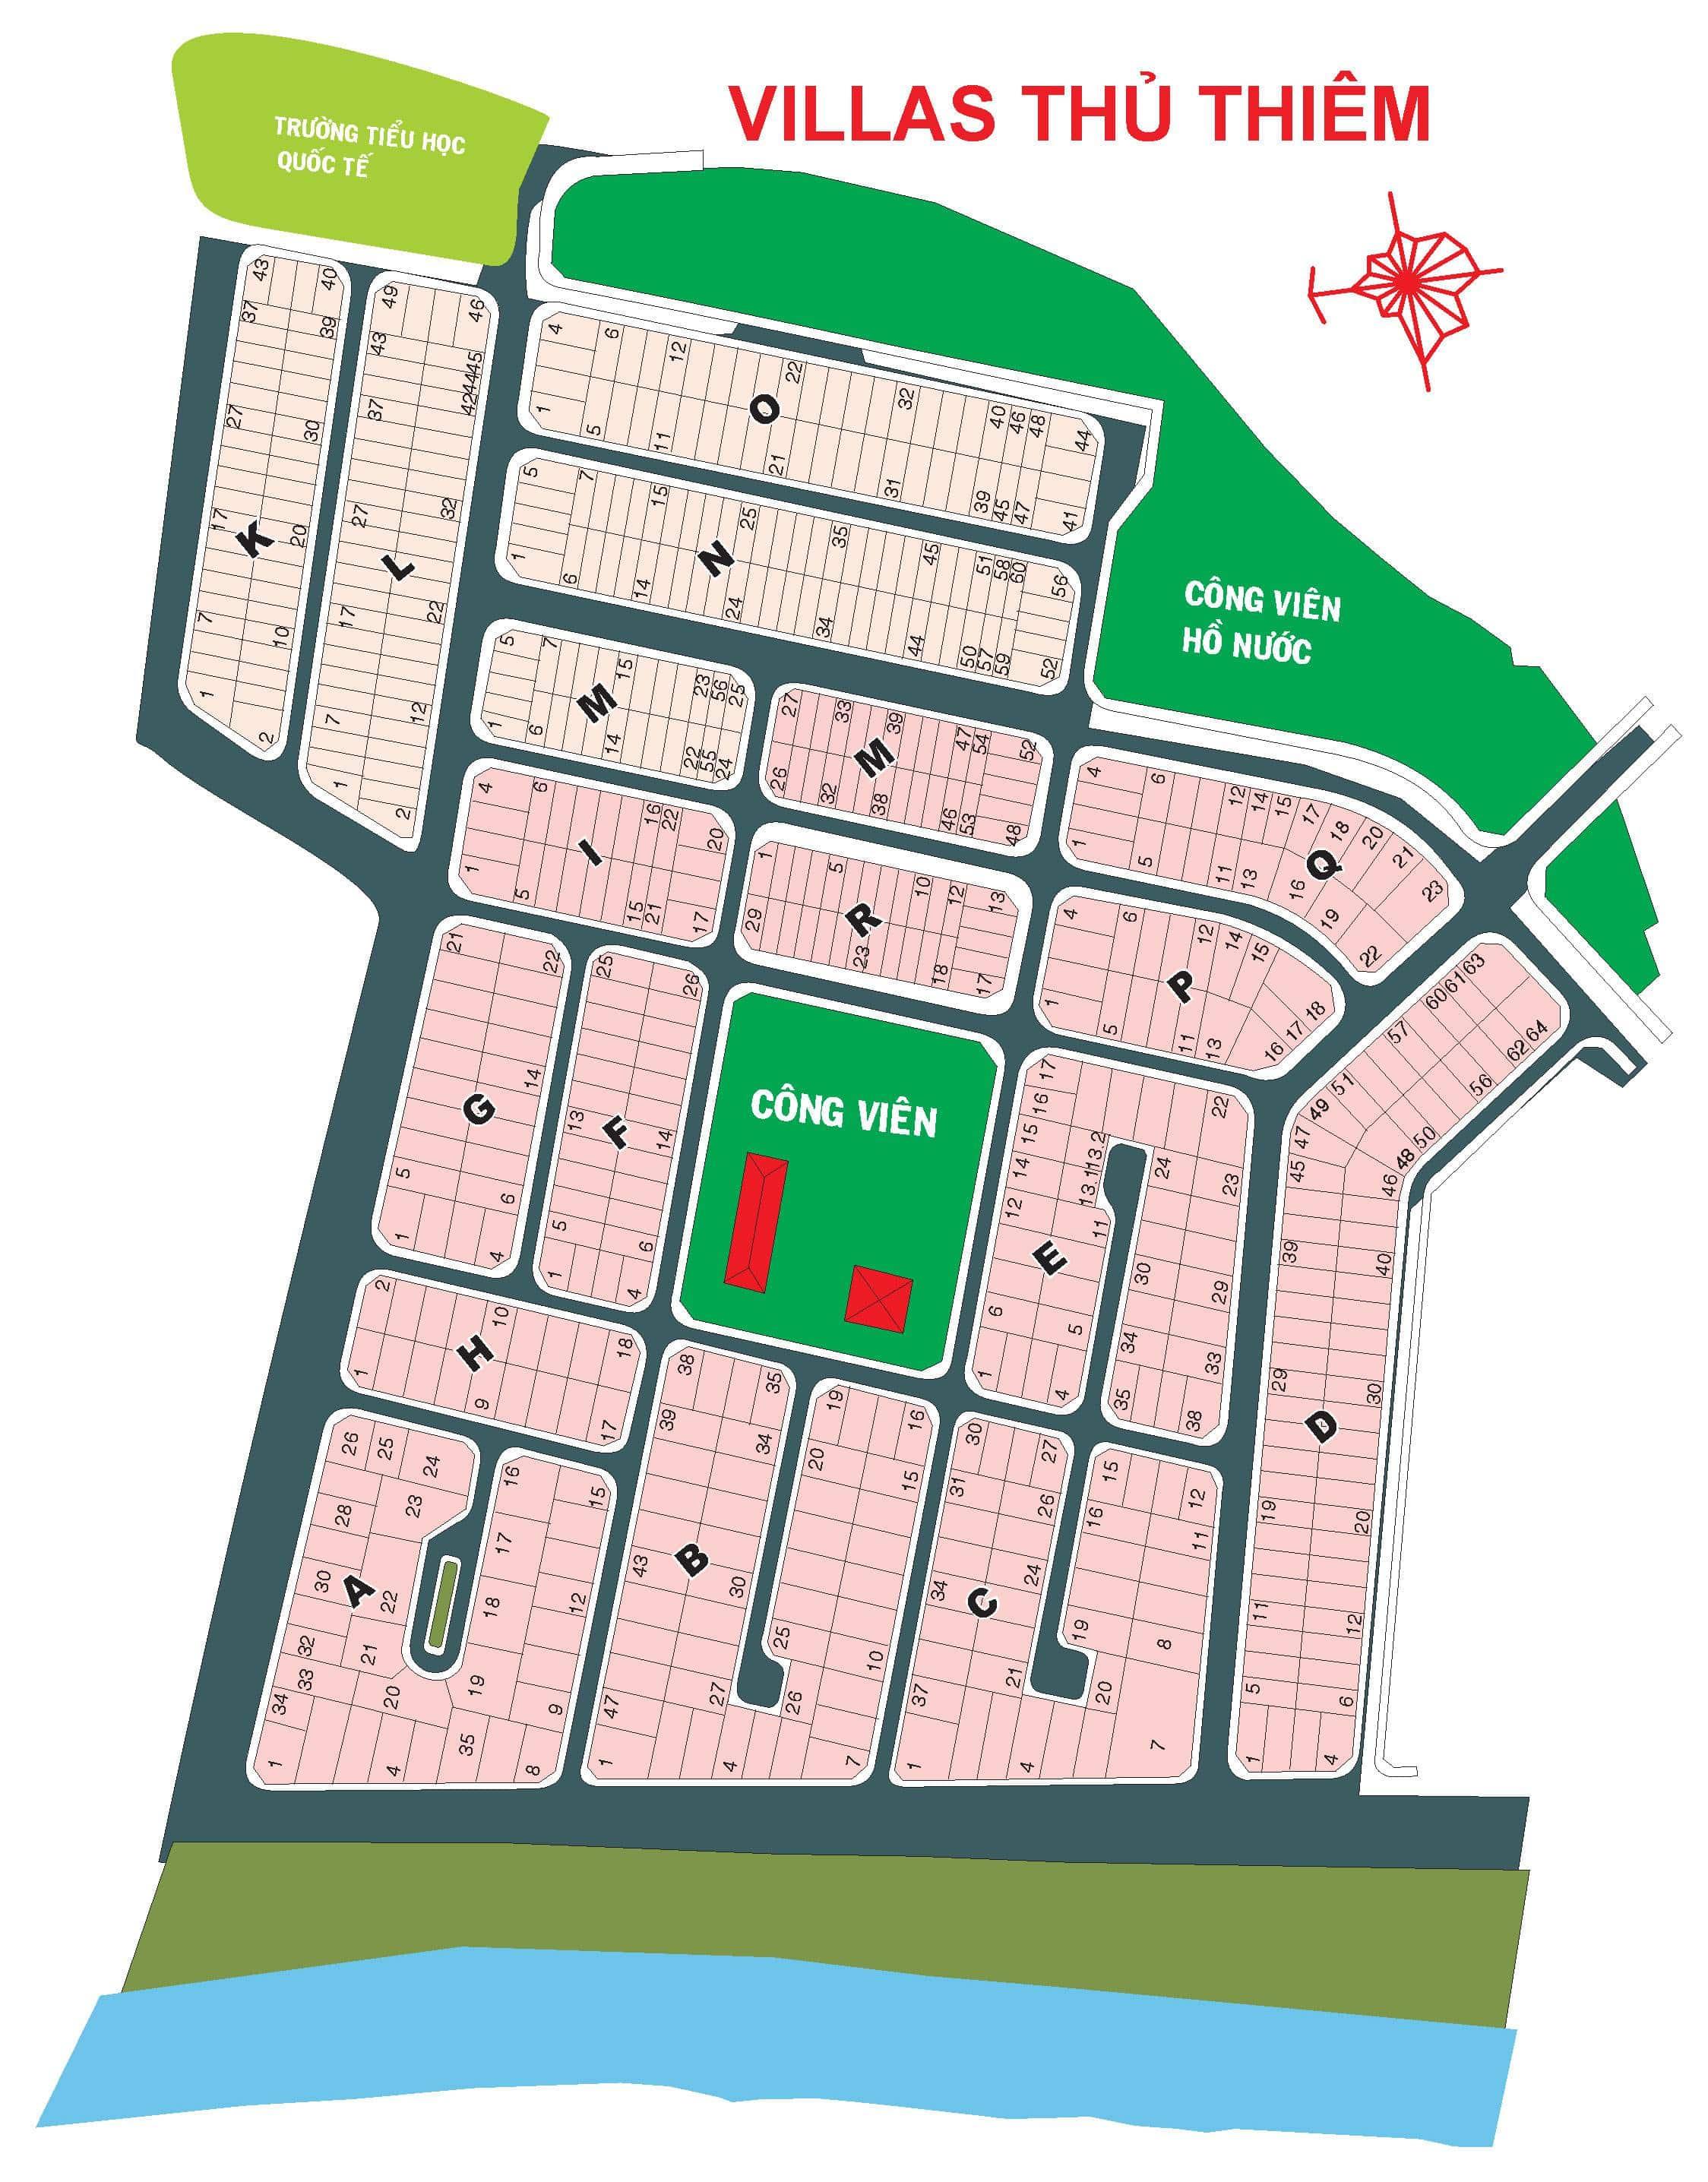 Bản đồ Khu Villas Thủ Thiêm phường Thạnh Mỹ Lợi